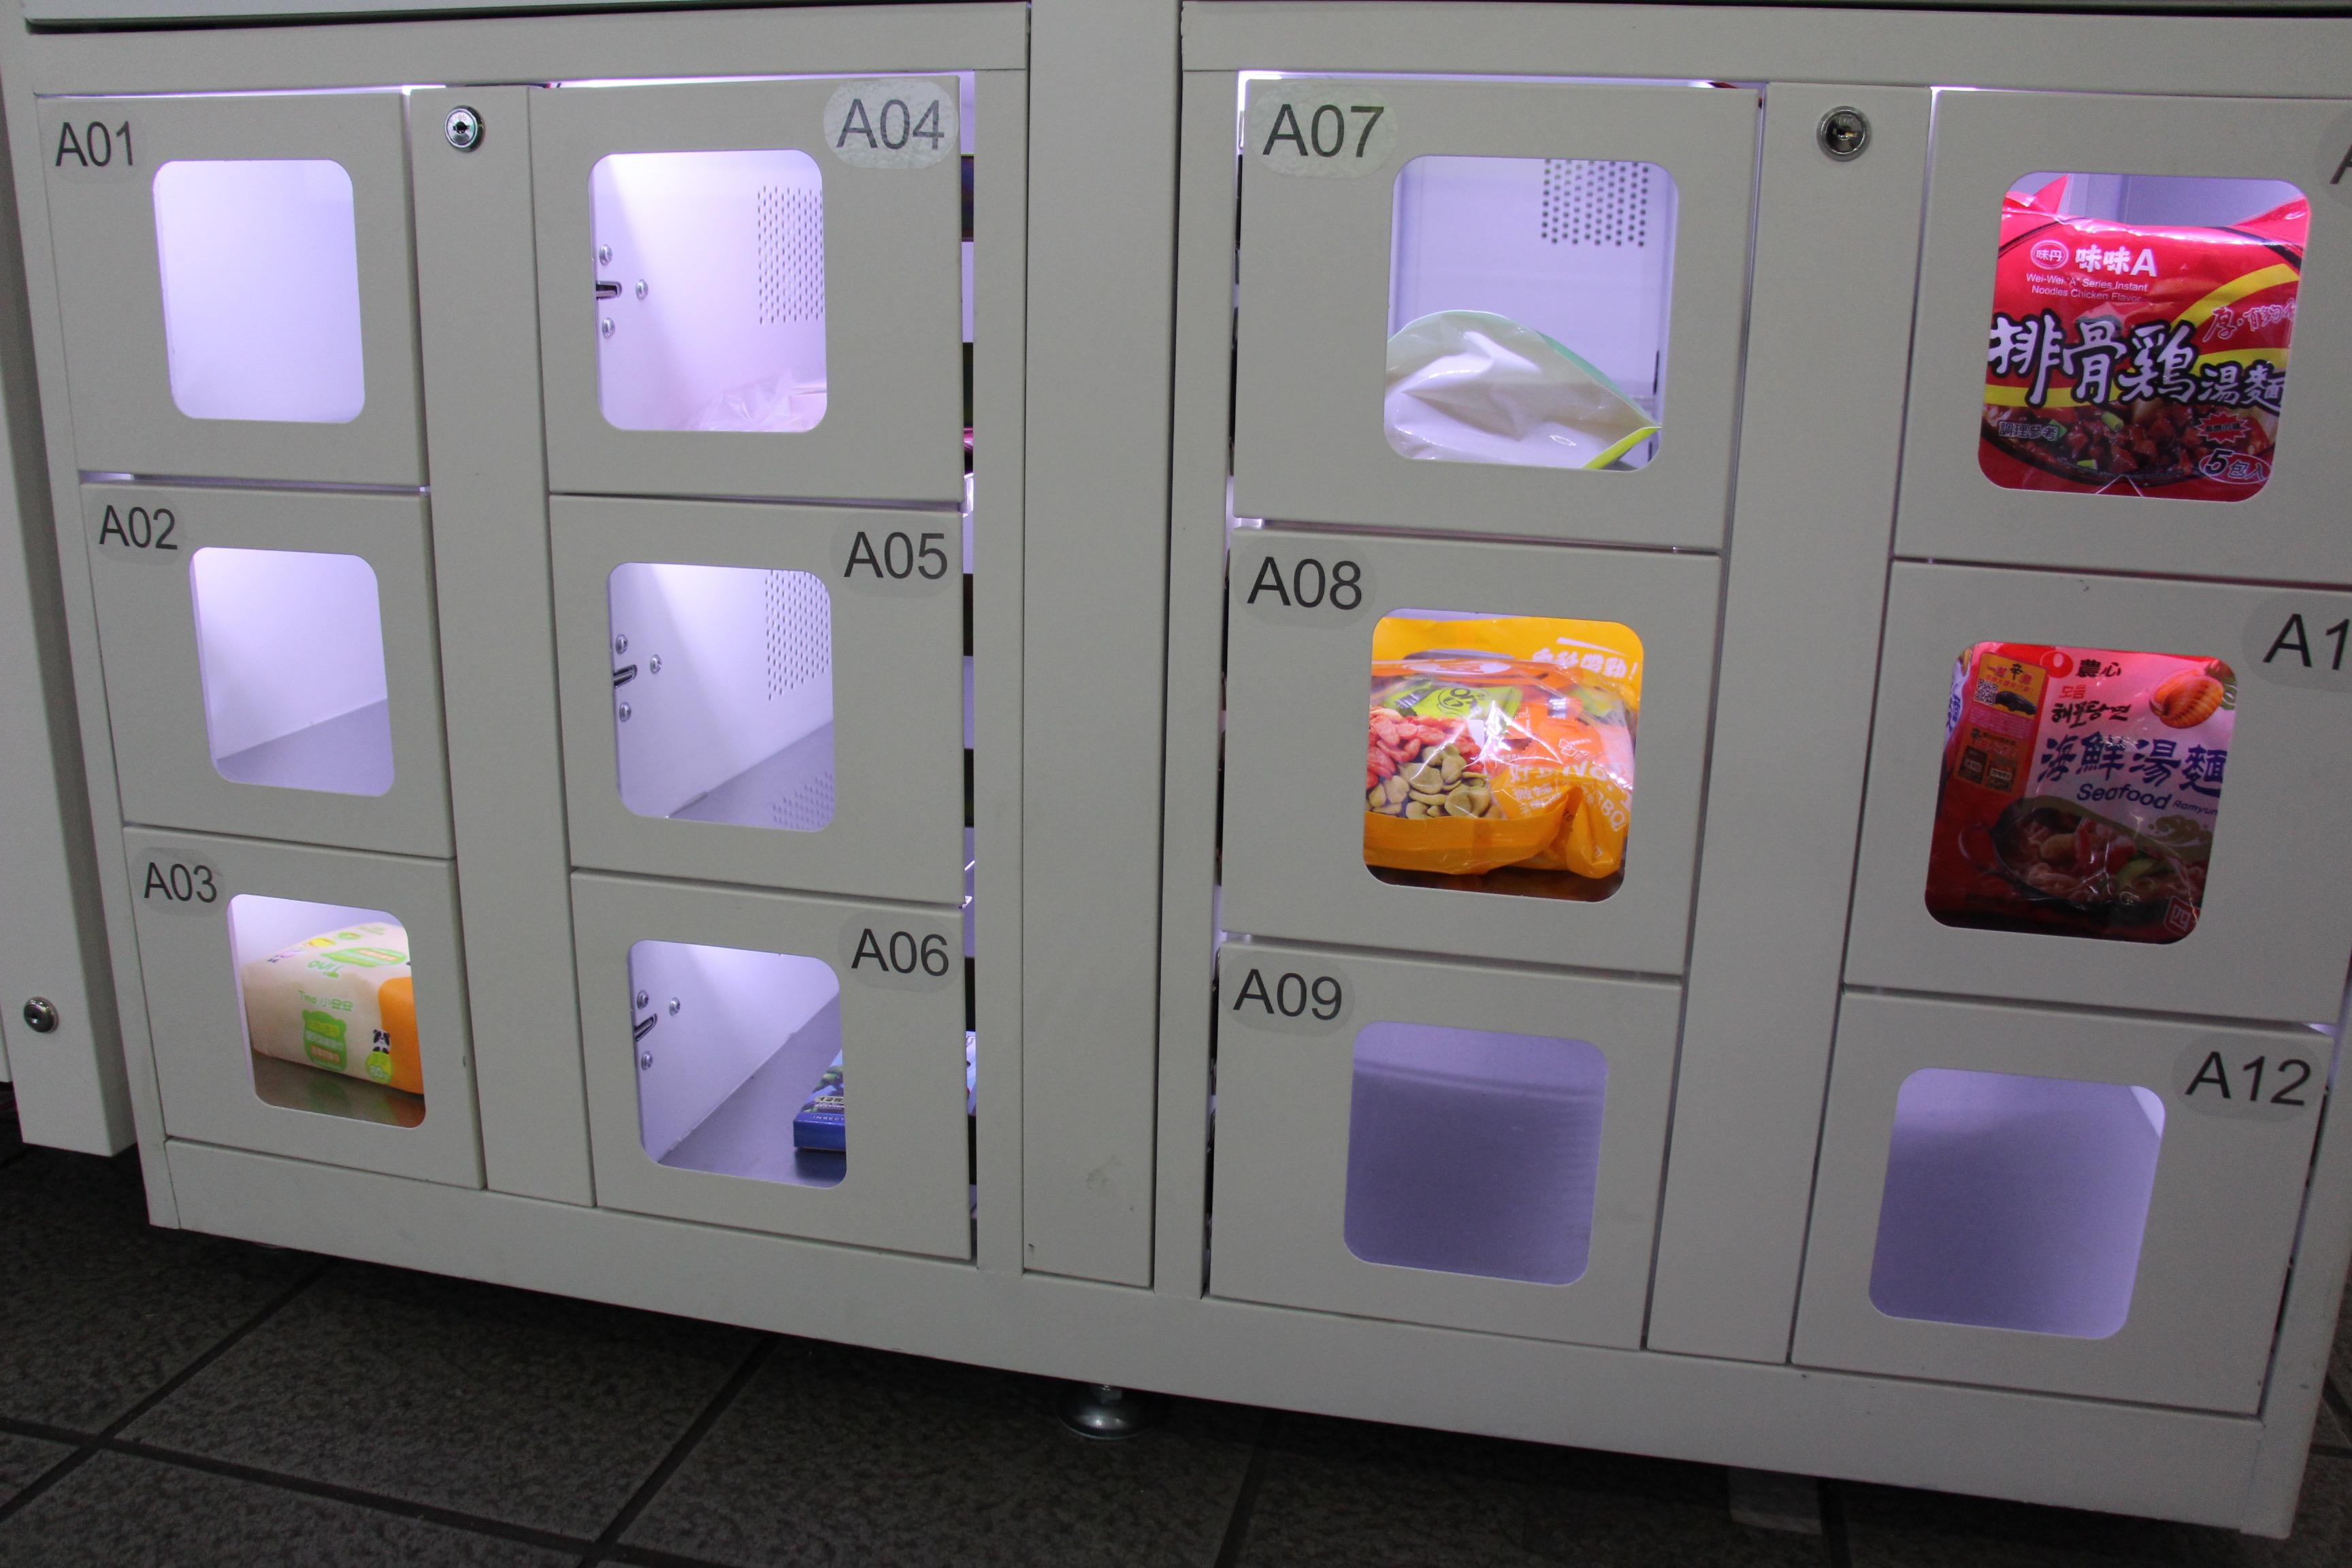 捷運站限定現貨商品,只要付款開箱即可帶走。攝影/楊詠晴